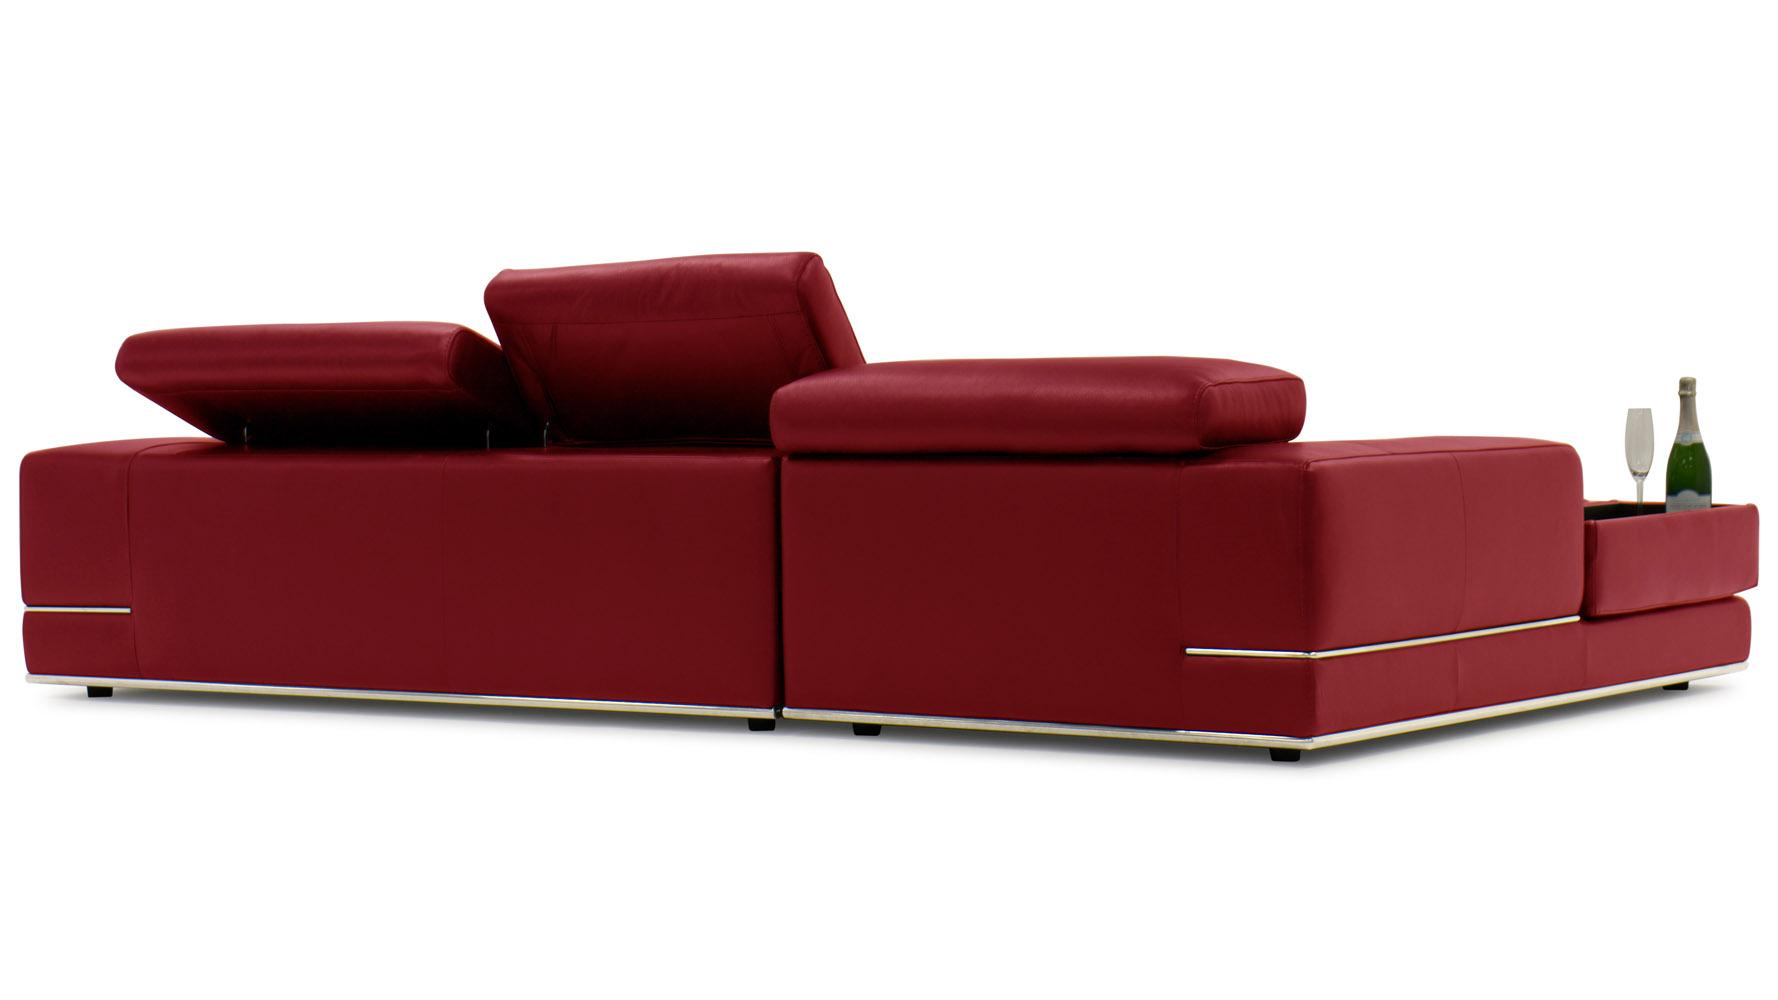 Encore red leather sofa zuri furniture for Ashley encore grain chaise